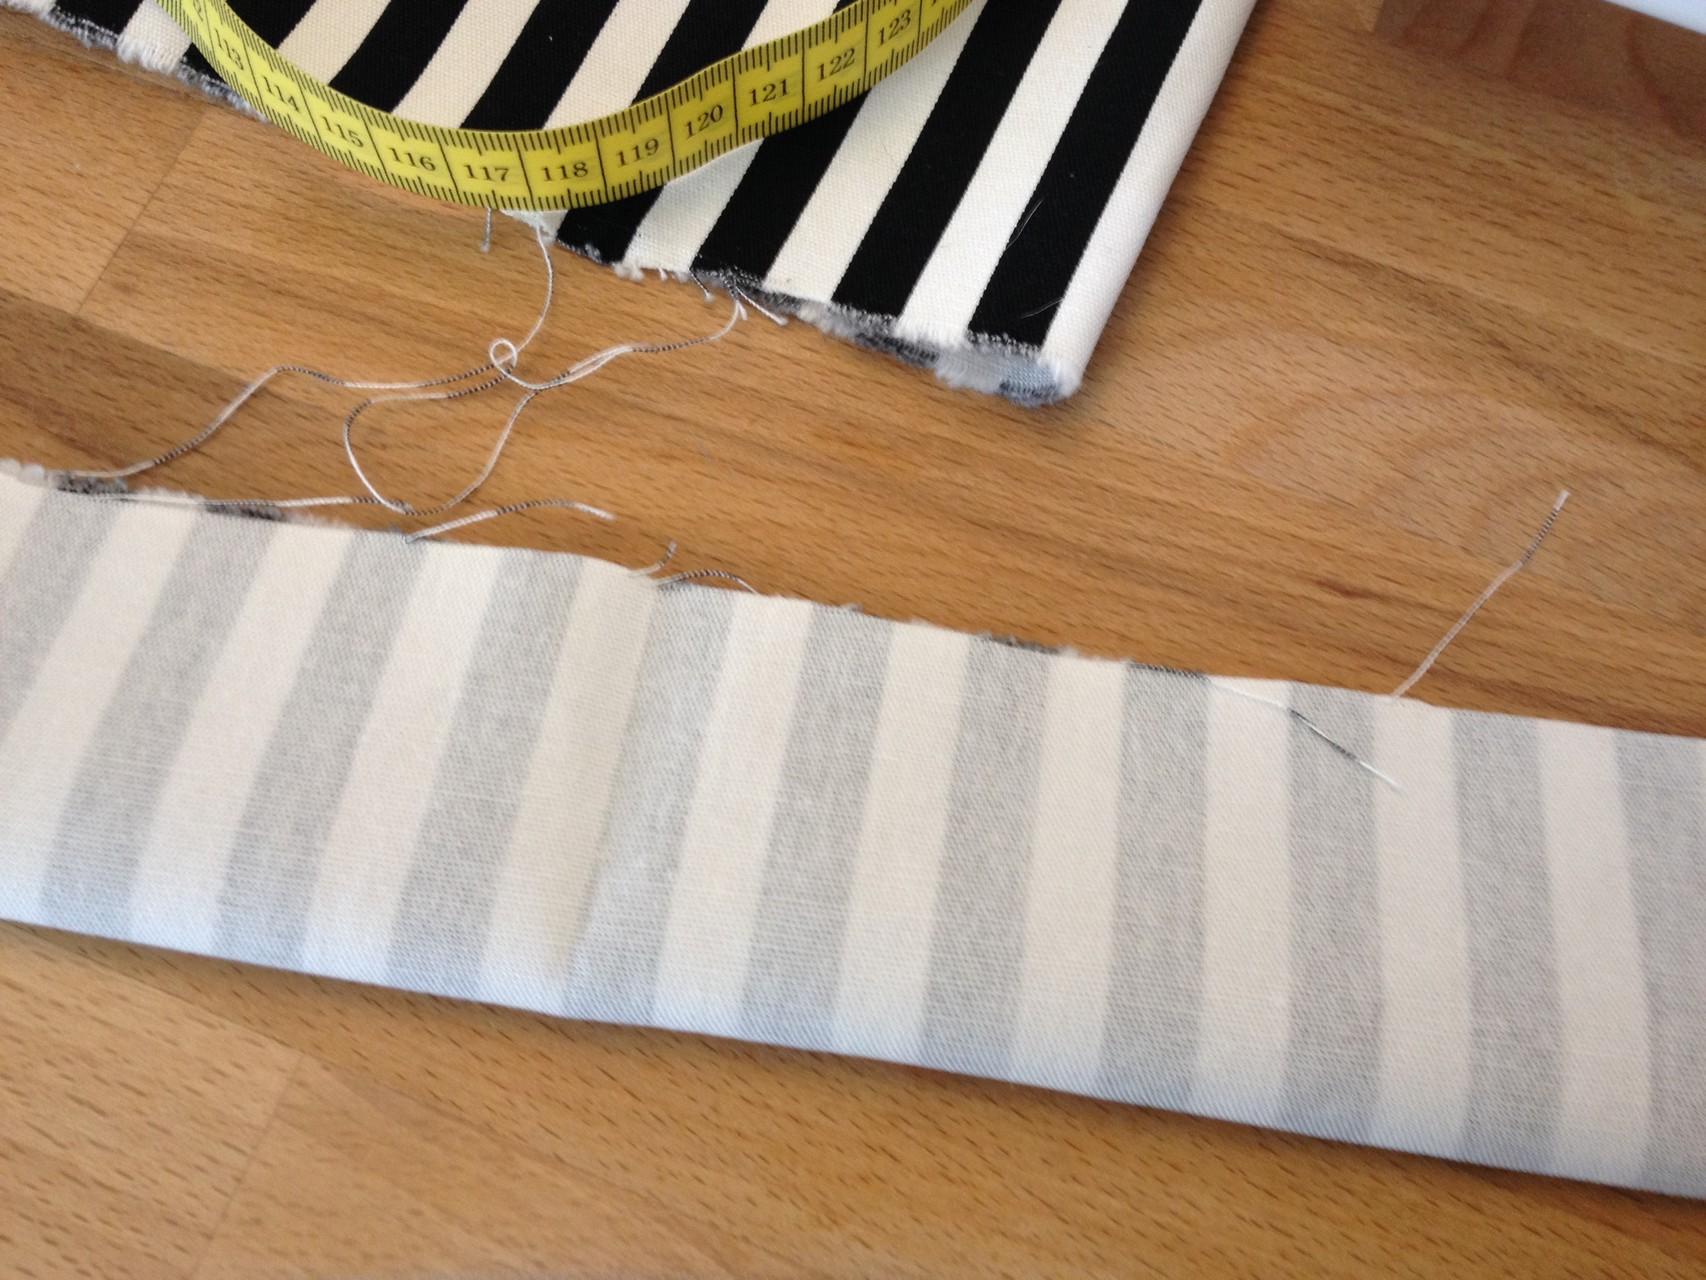 Nun die Träger herstellen. Dafür das ausgeschnittene lange Rechteck (meins ist ca. 10x44cm) rechts auf rechts klappen und die lange Seite mit einer gerade Naht verschließen, dabei das Verriegeln nicht vergessen. Mit dem zweiten Träger genauso verfahren.